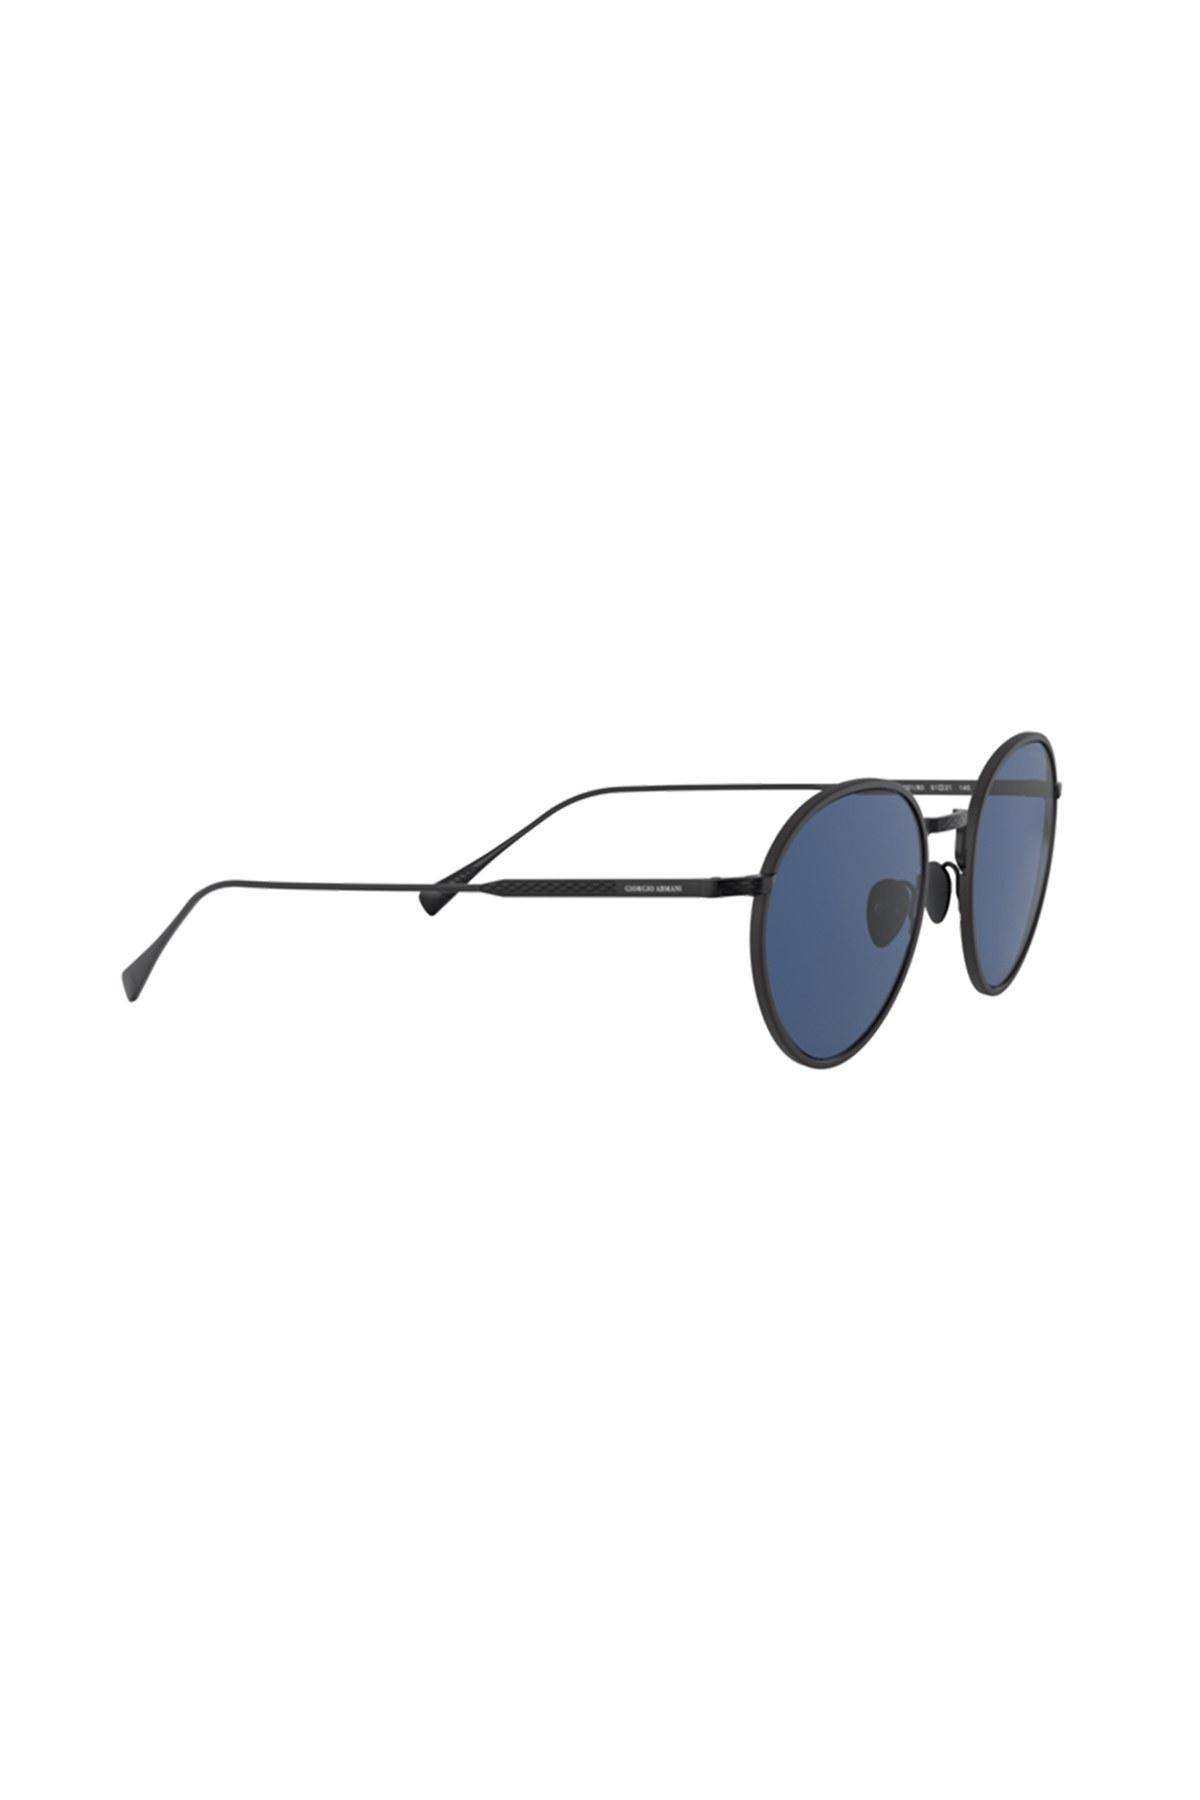 Giorgio Armani Erkek Gözlük 0AR6103J 300180 51 LACİVERT